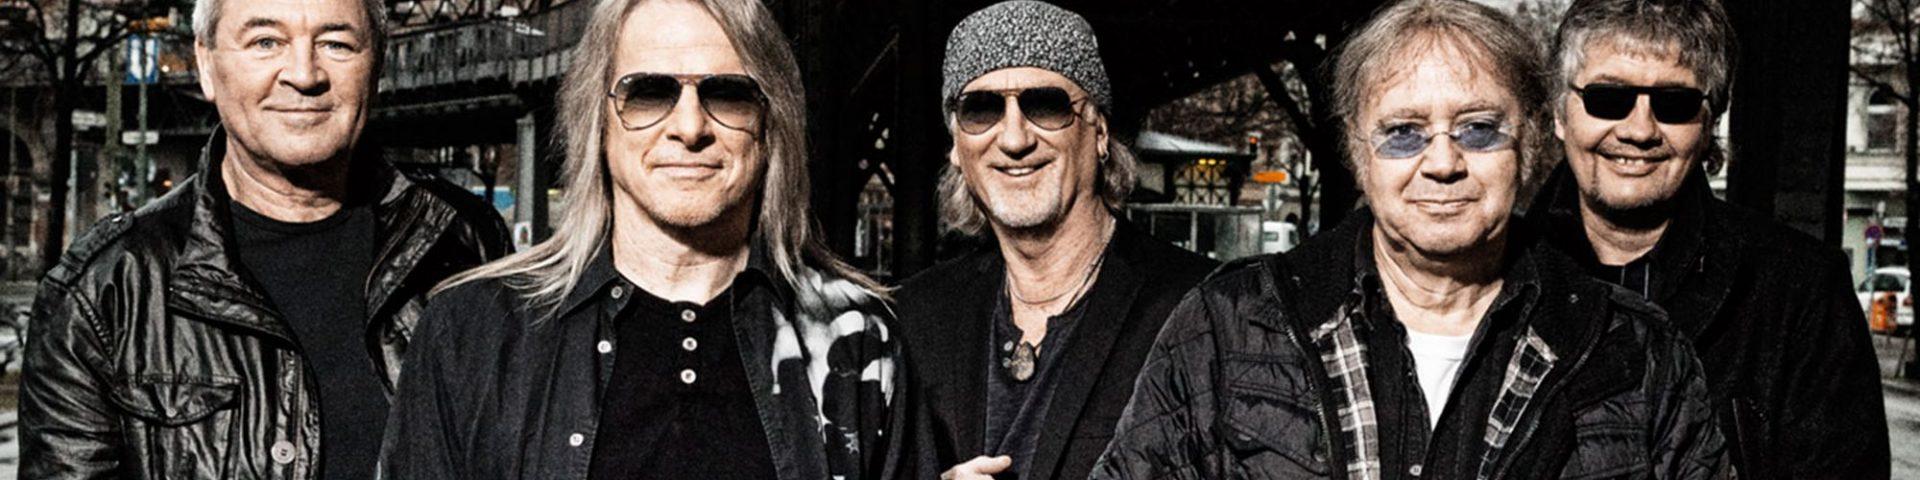 Deep Purple a Bologna Sonic Park 2020: come acquistare i biglietti